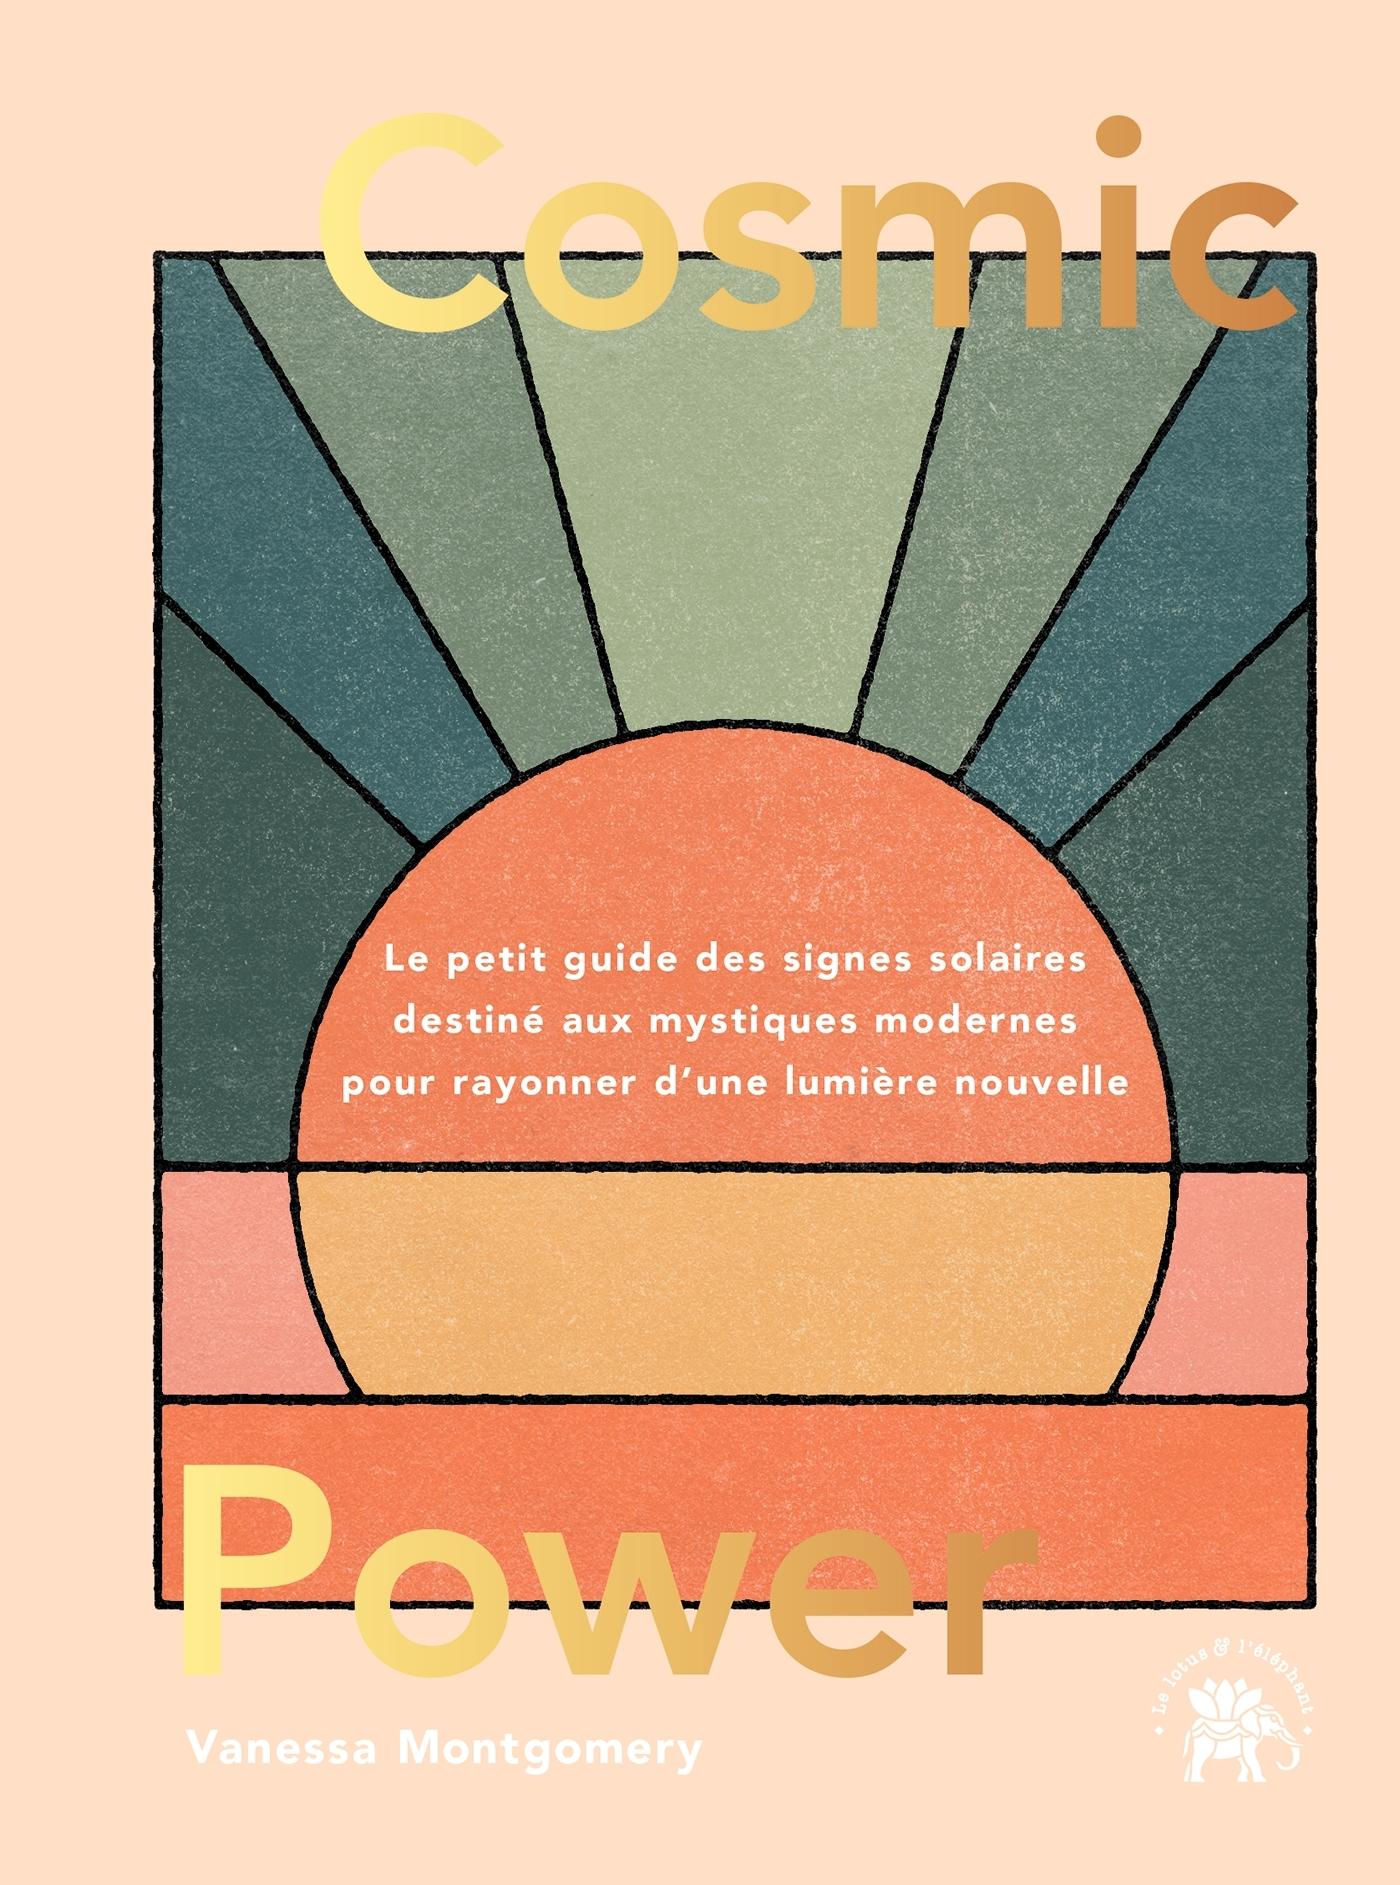 COSMIC POWER - LE PETIT GUIDE DES SIGNES SOLAIRES DESTINES AUX MYSTIQUES MODERNES POUR RAYONNER D'UN